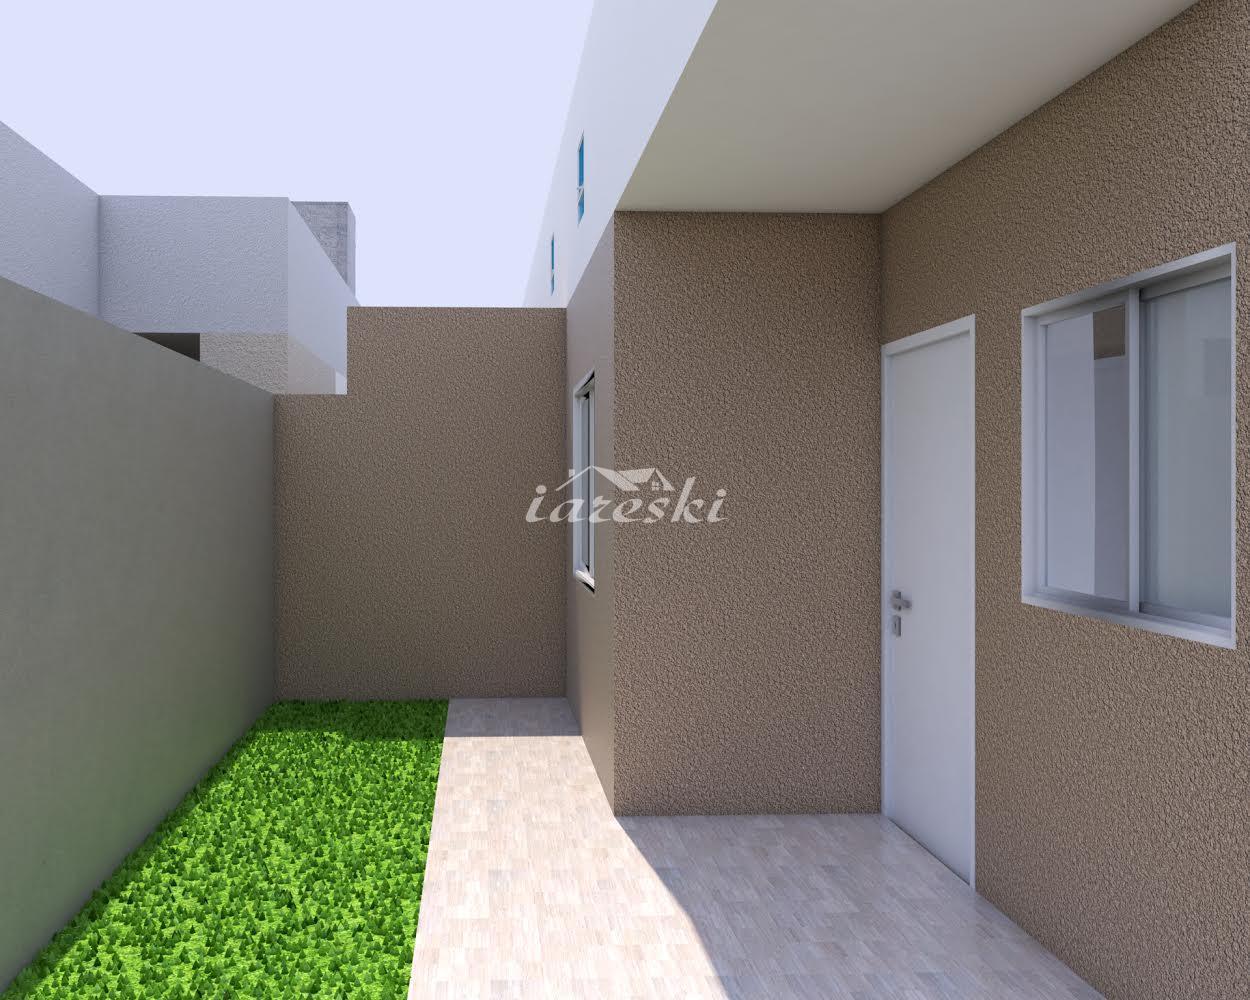 Casa com 2 dormitórios à venda no Jardim Alice em Foz do Iguaçu/PR